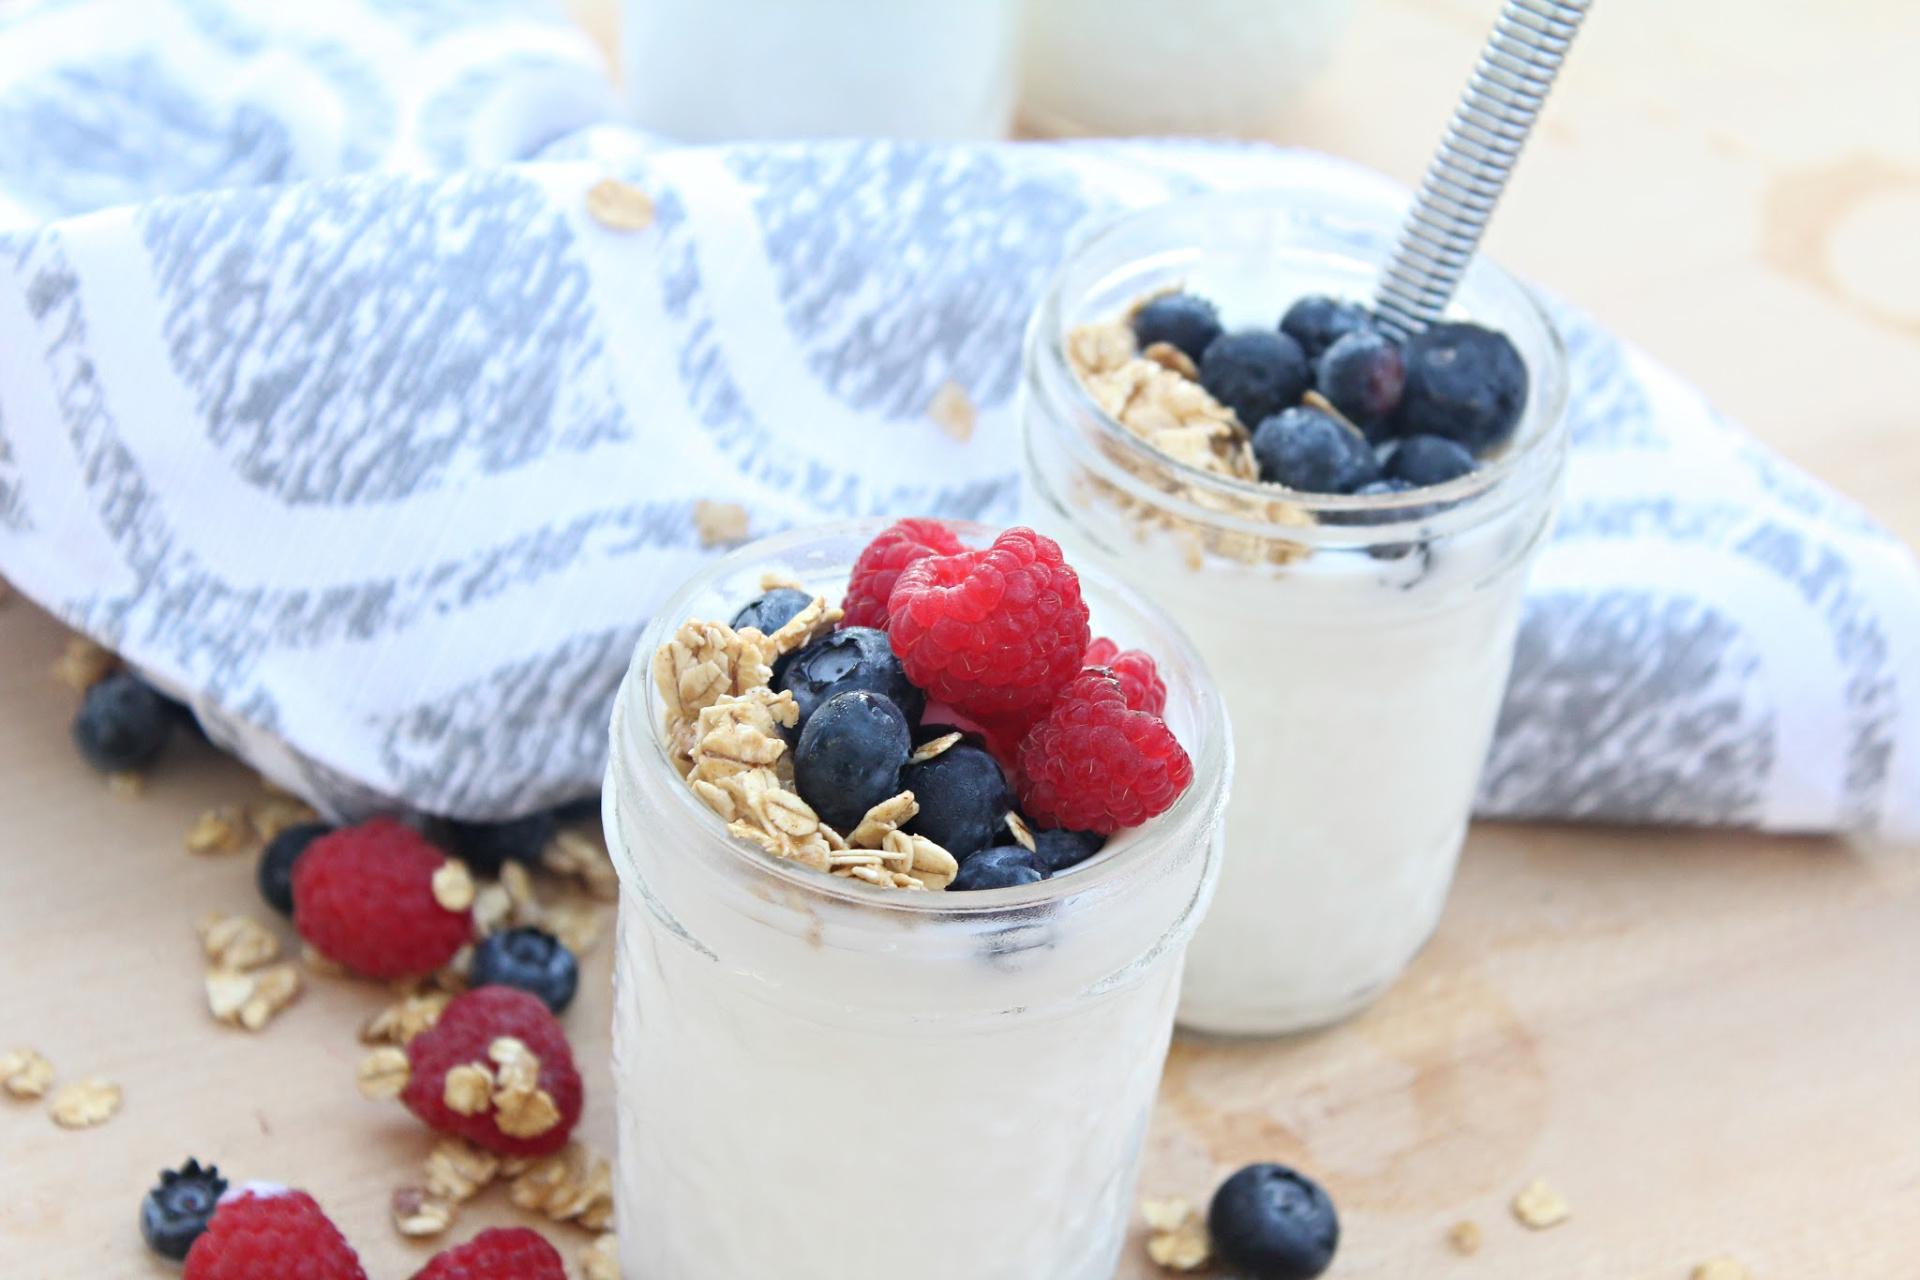 Best homemade yogurt